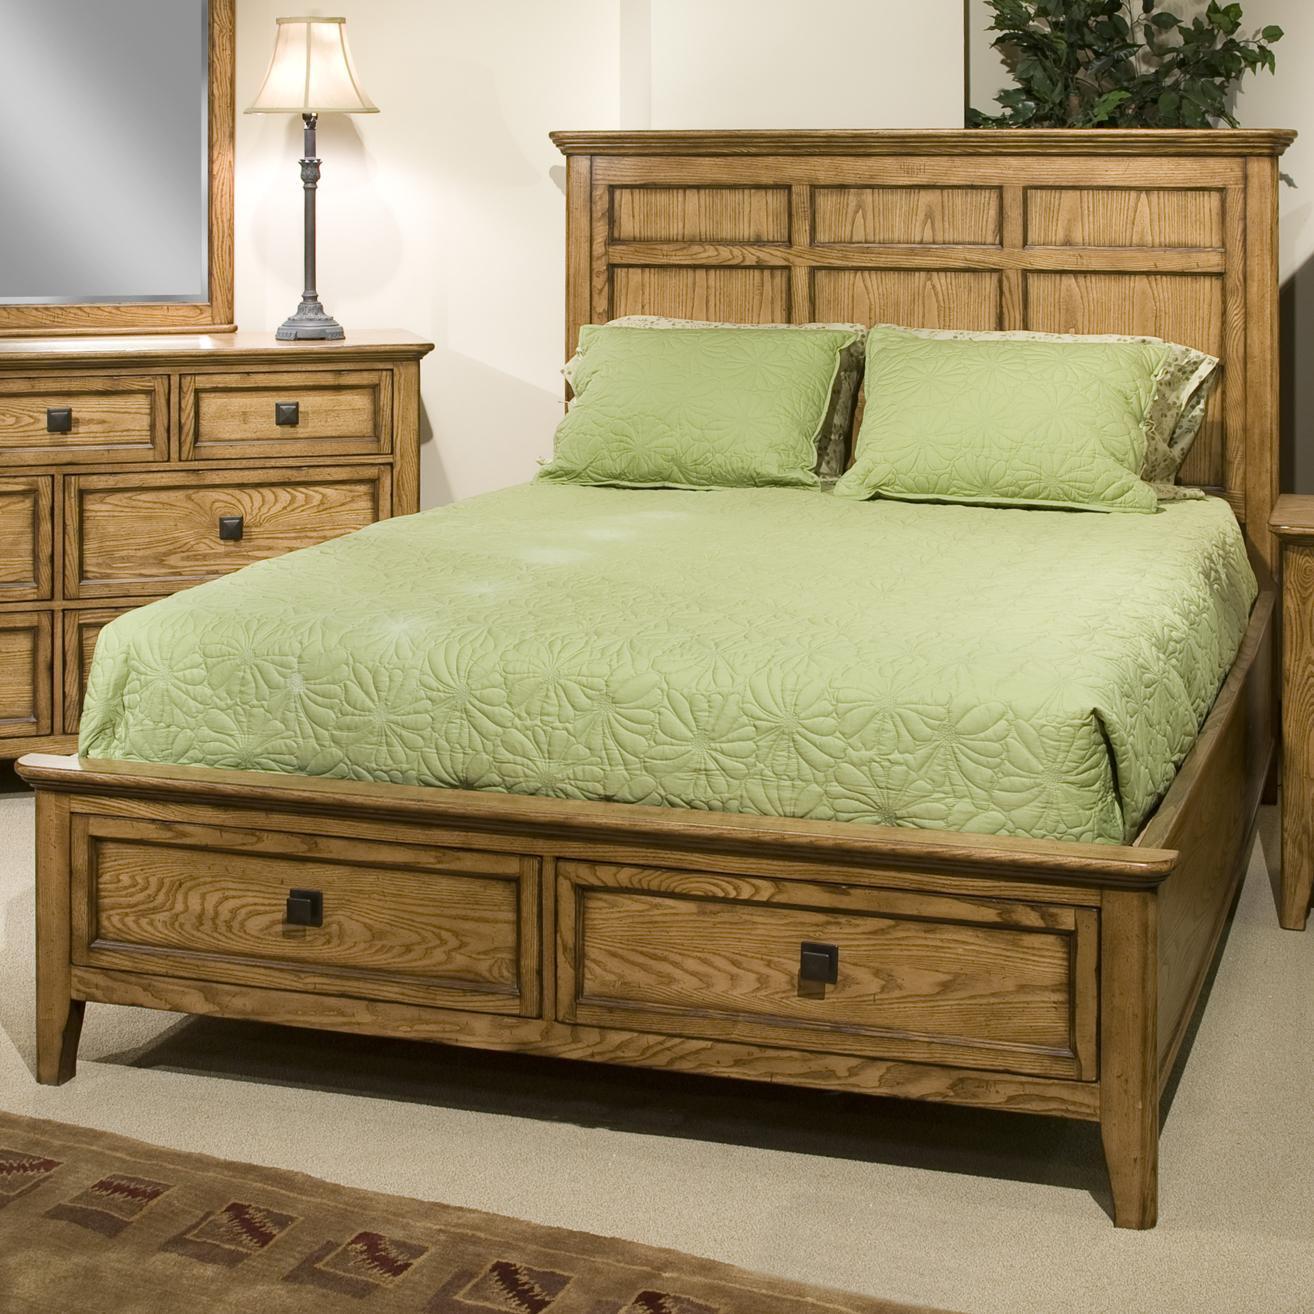 Intercon Alta King Storage Bed - Item Number: AL-BR-5350KS-HB+FR+RS